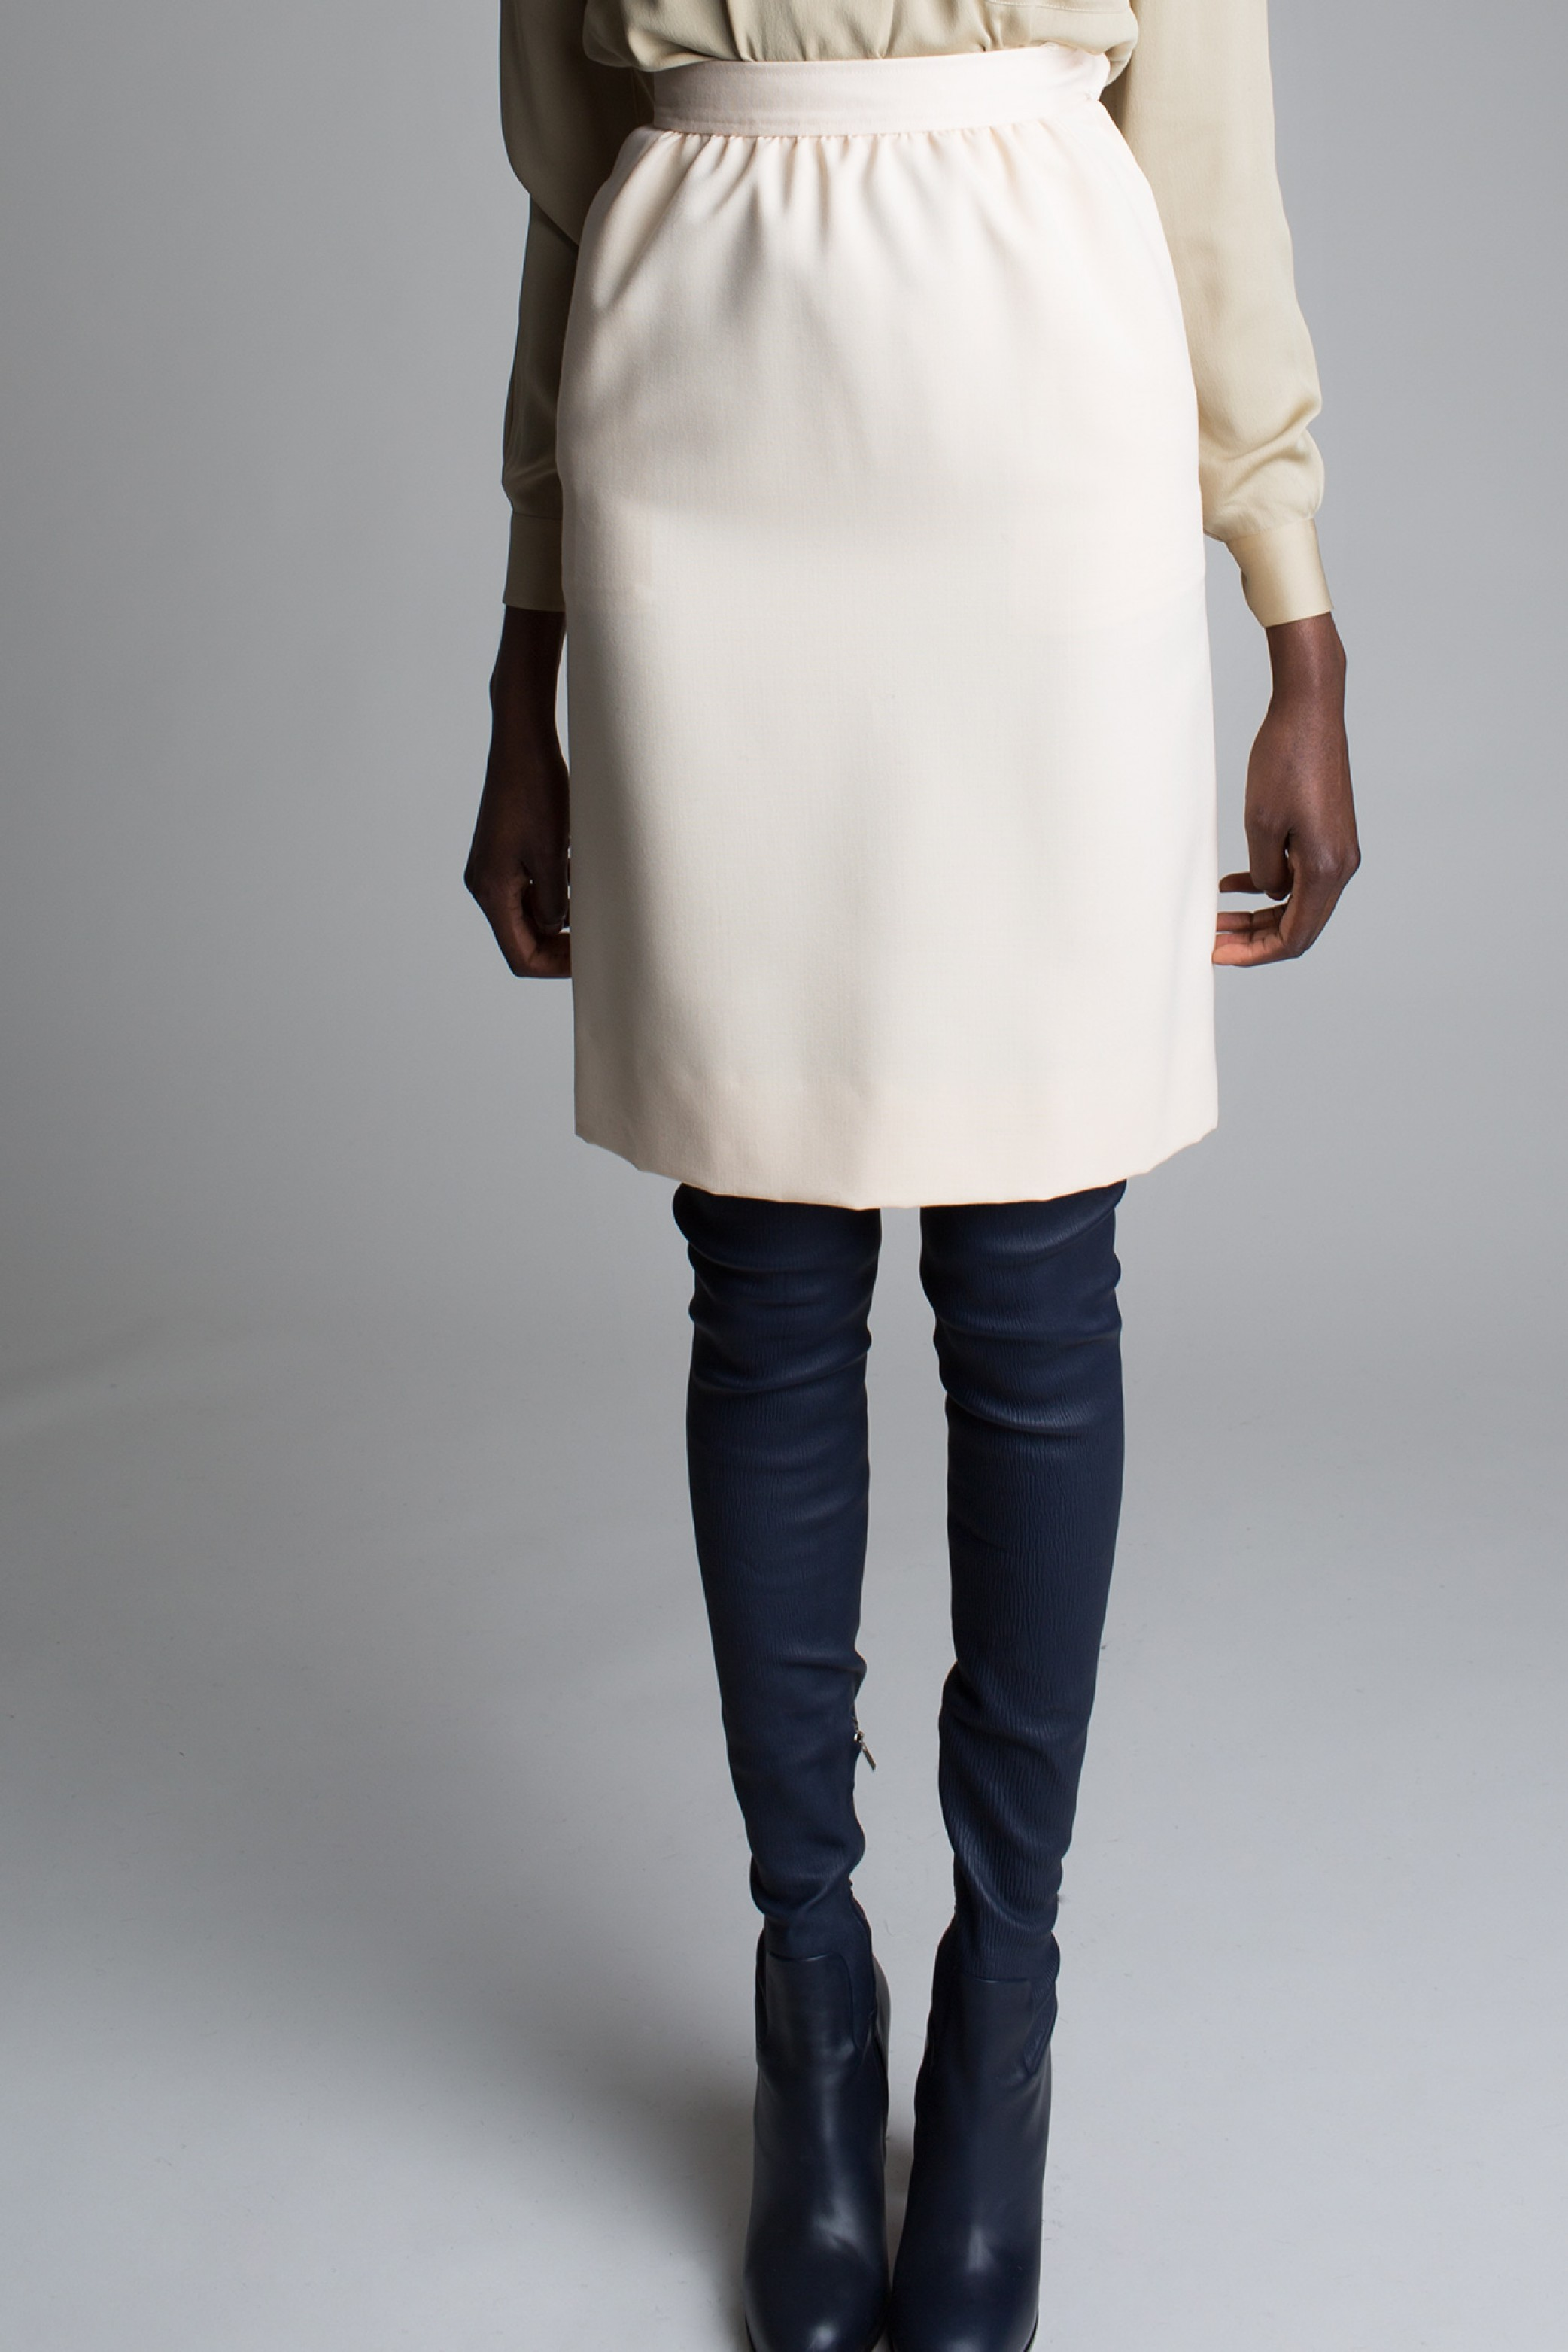 c22c8863181c Vintage Yves Saint Laurent Pencil Skirt ...